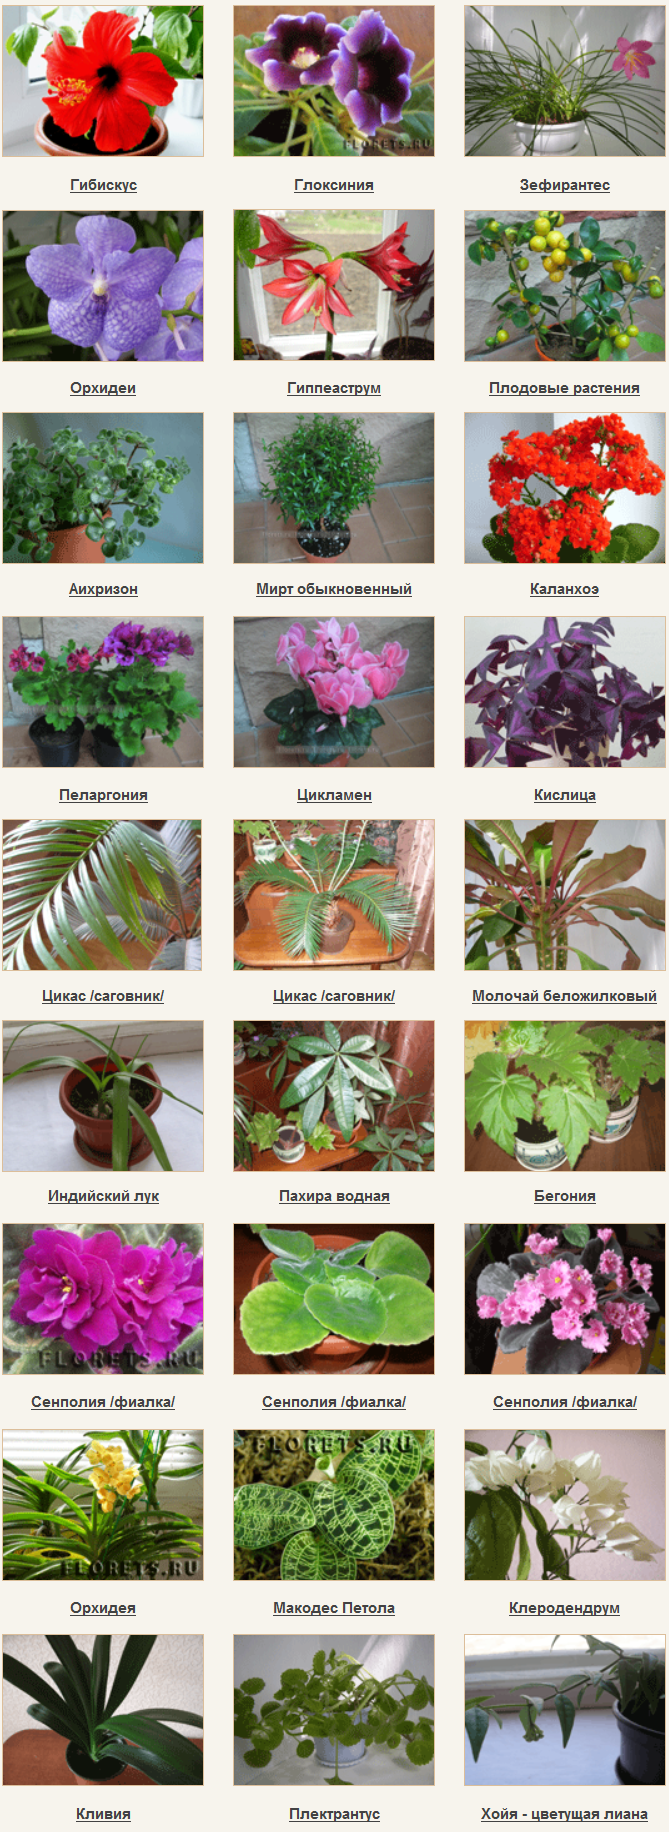 справочник комнатных растений с фото и названиями